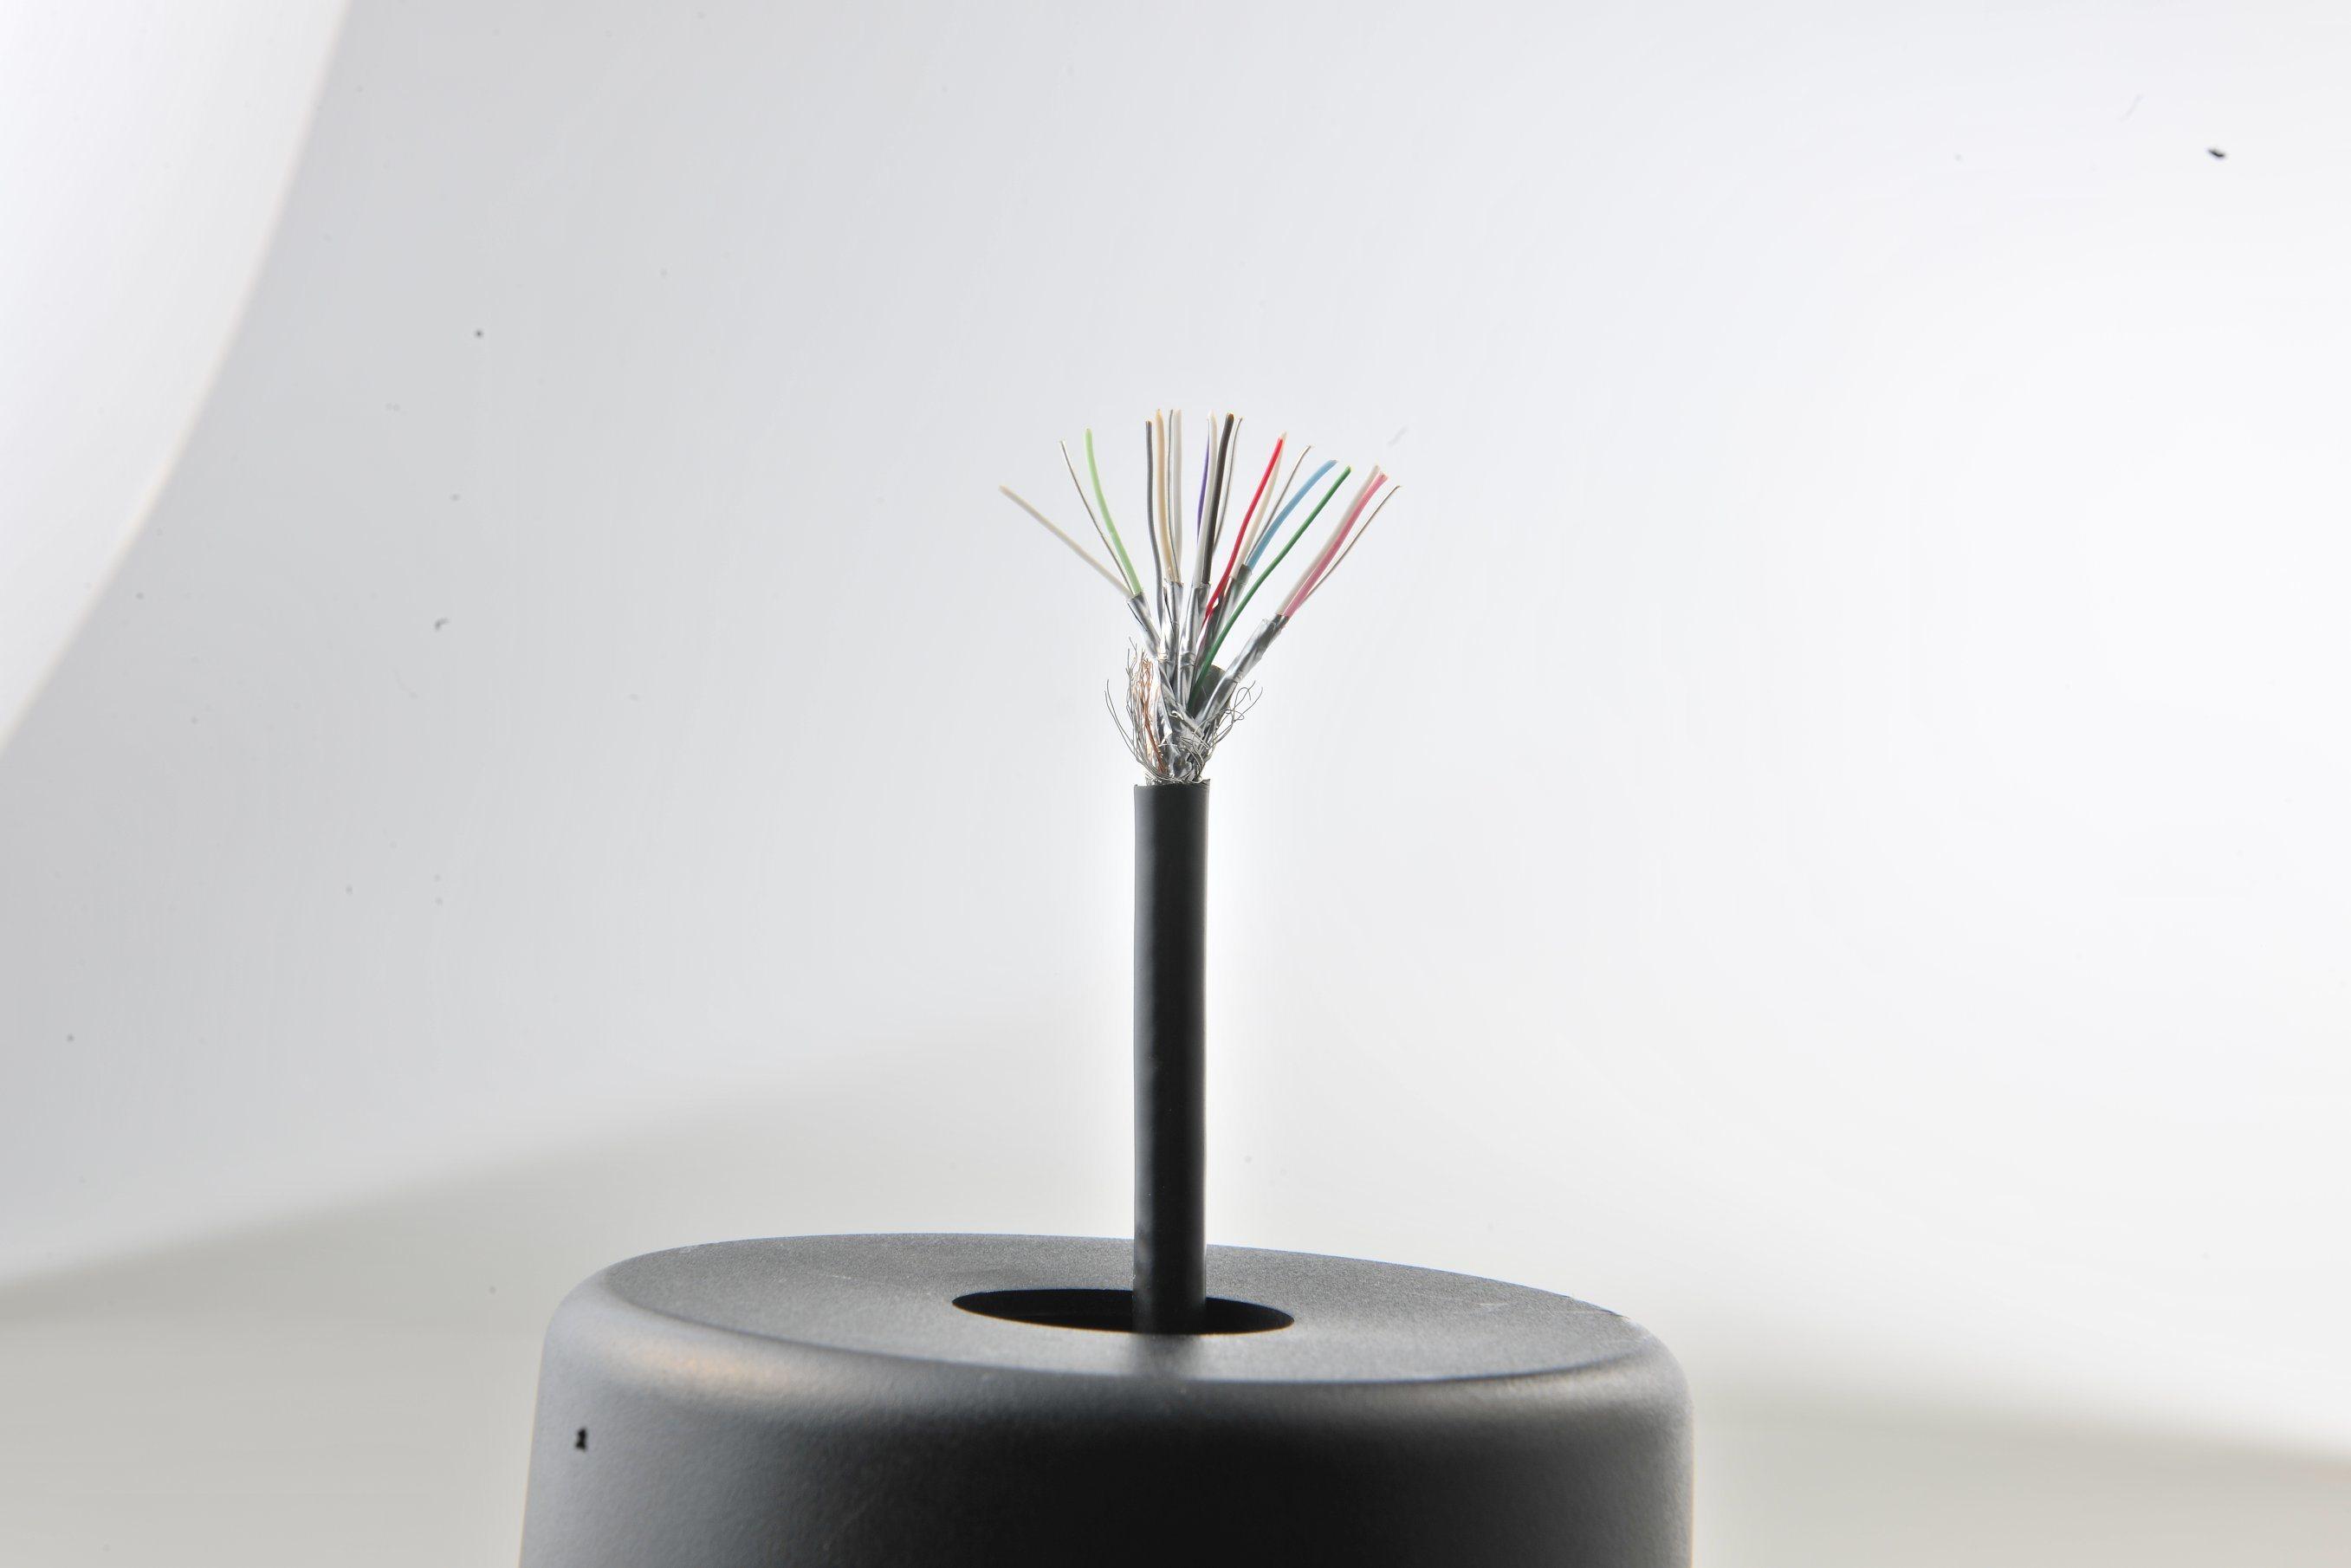 HDMI to Micro HDMI Data Cable